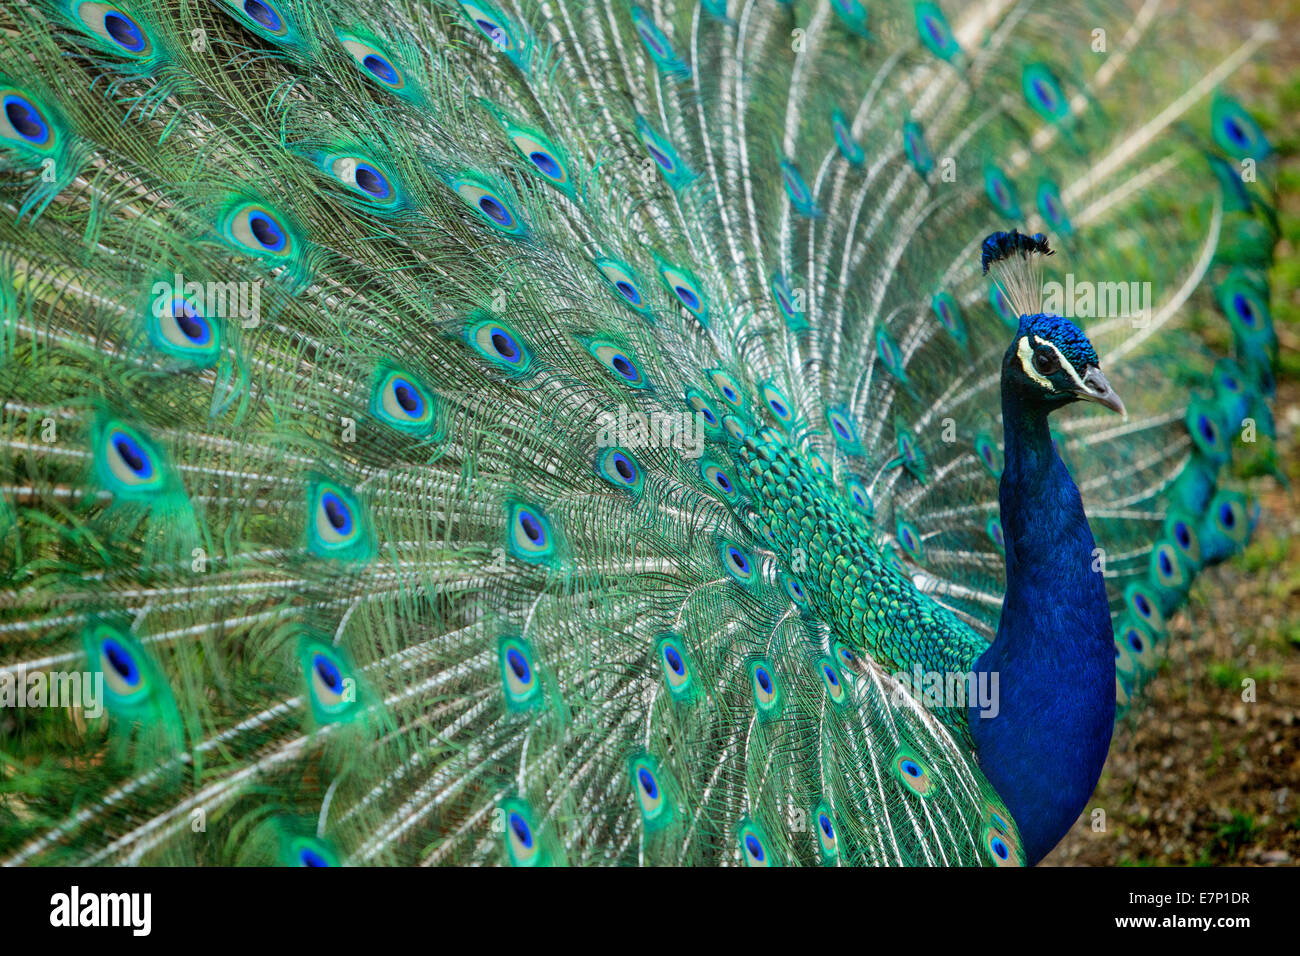 Animals, peacock, zoo Zurich, animals, animal, Zurich, zoo, Switzerland, Europe, - Stock Image